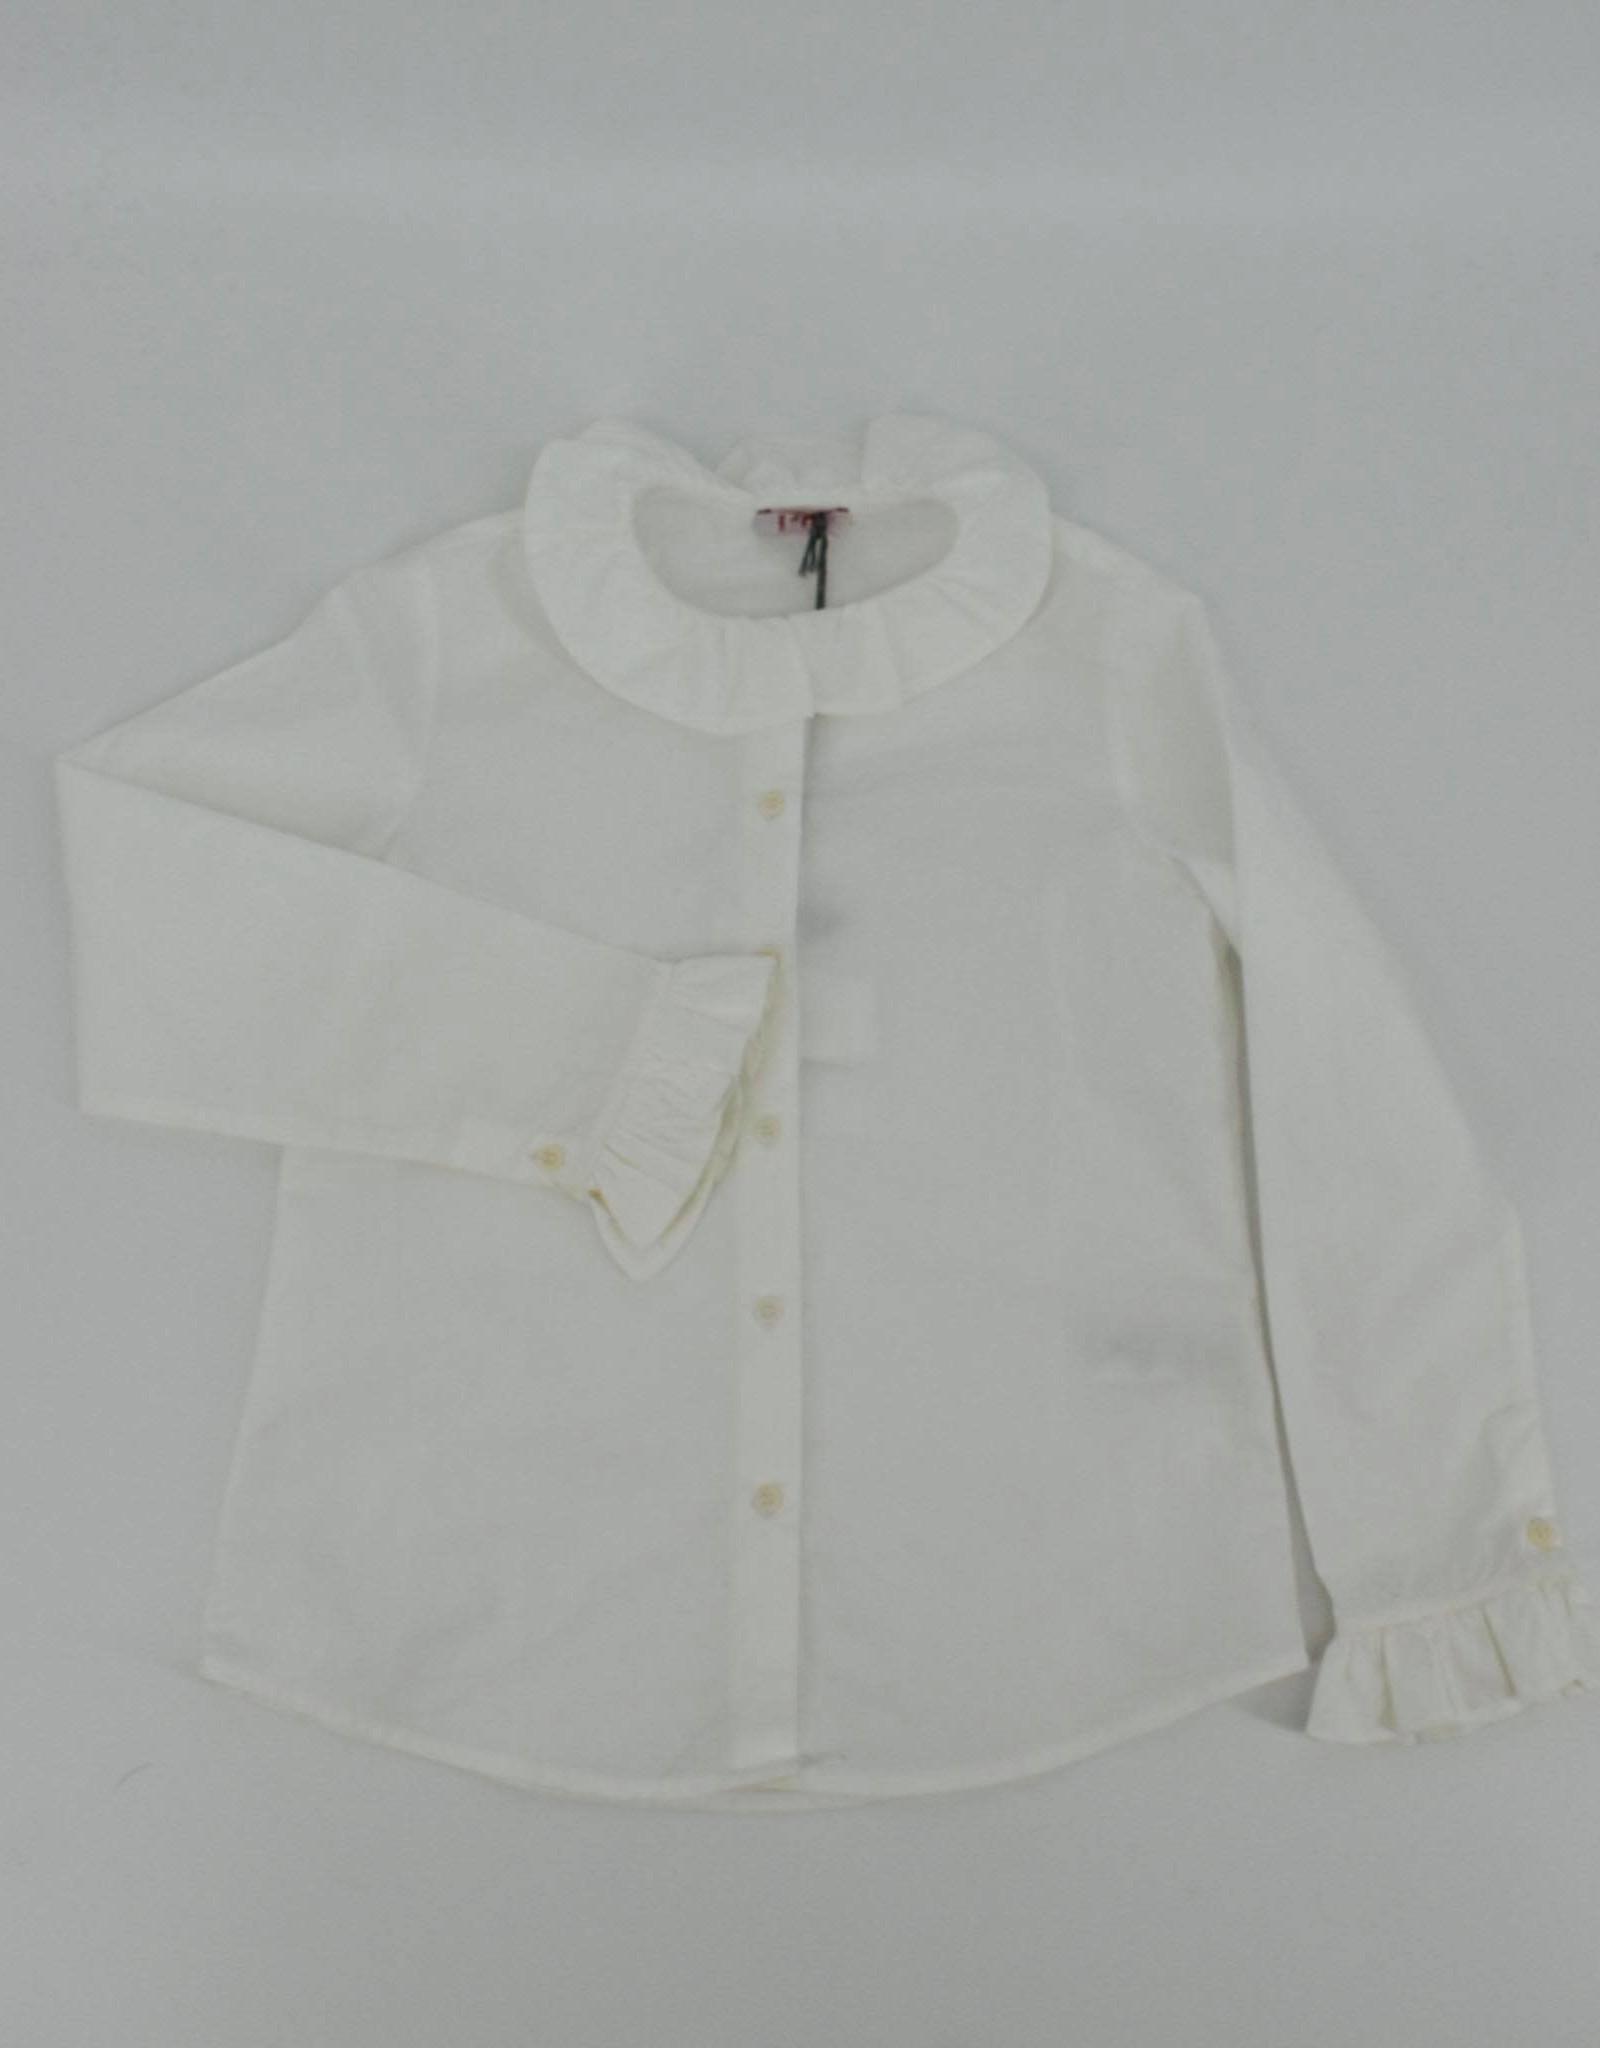 IL GUFO Shirt L/S White